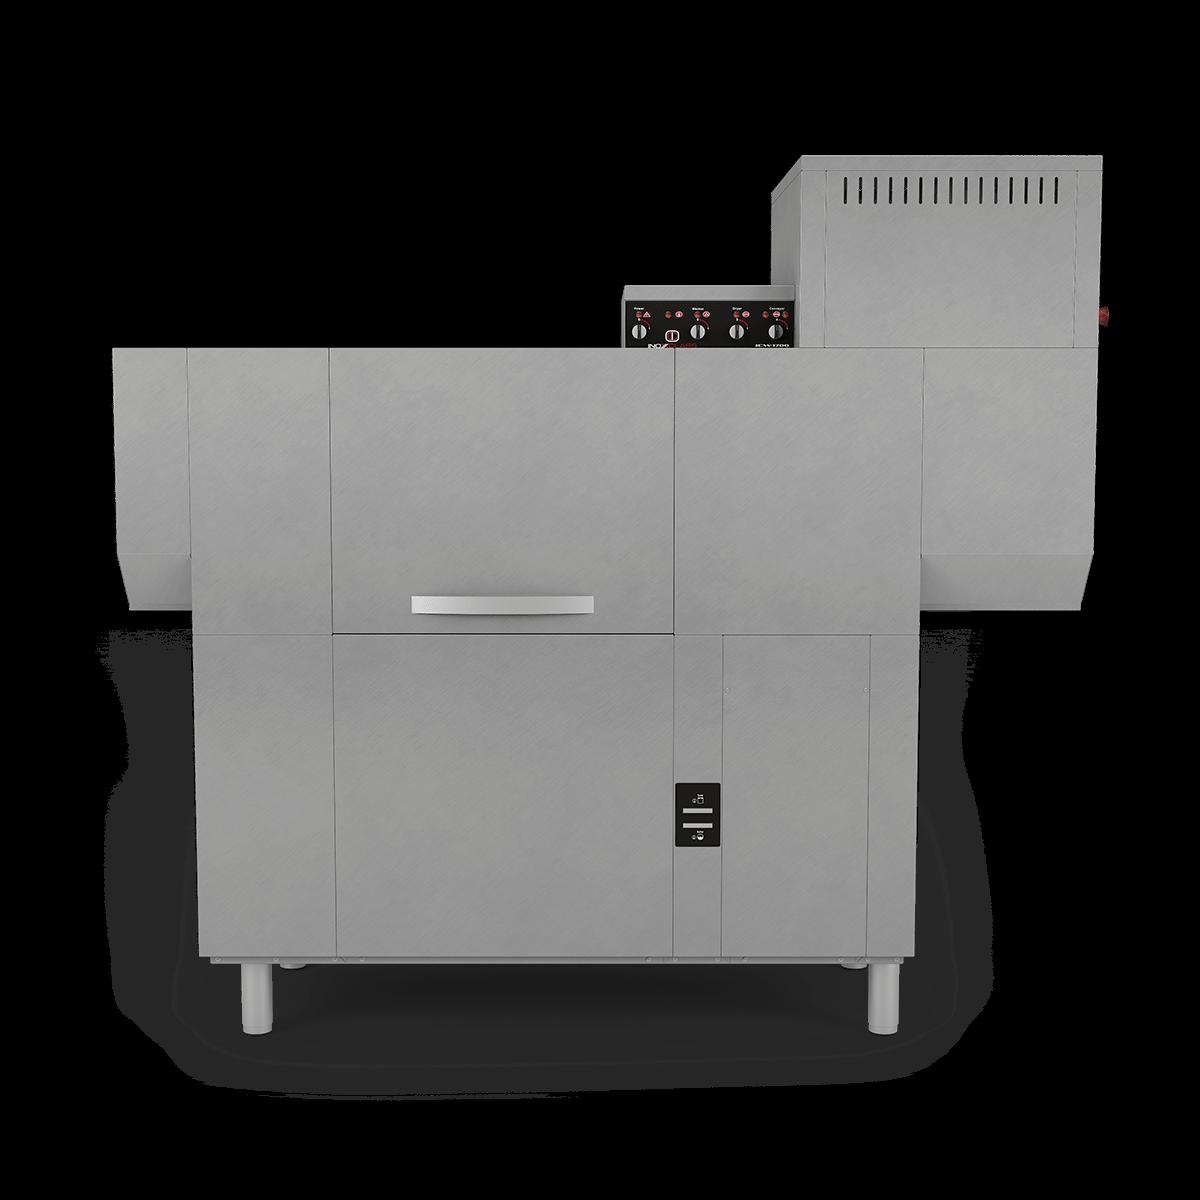 ICW1700 Konveyörlü Bulaşık Makinesi